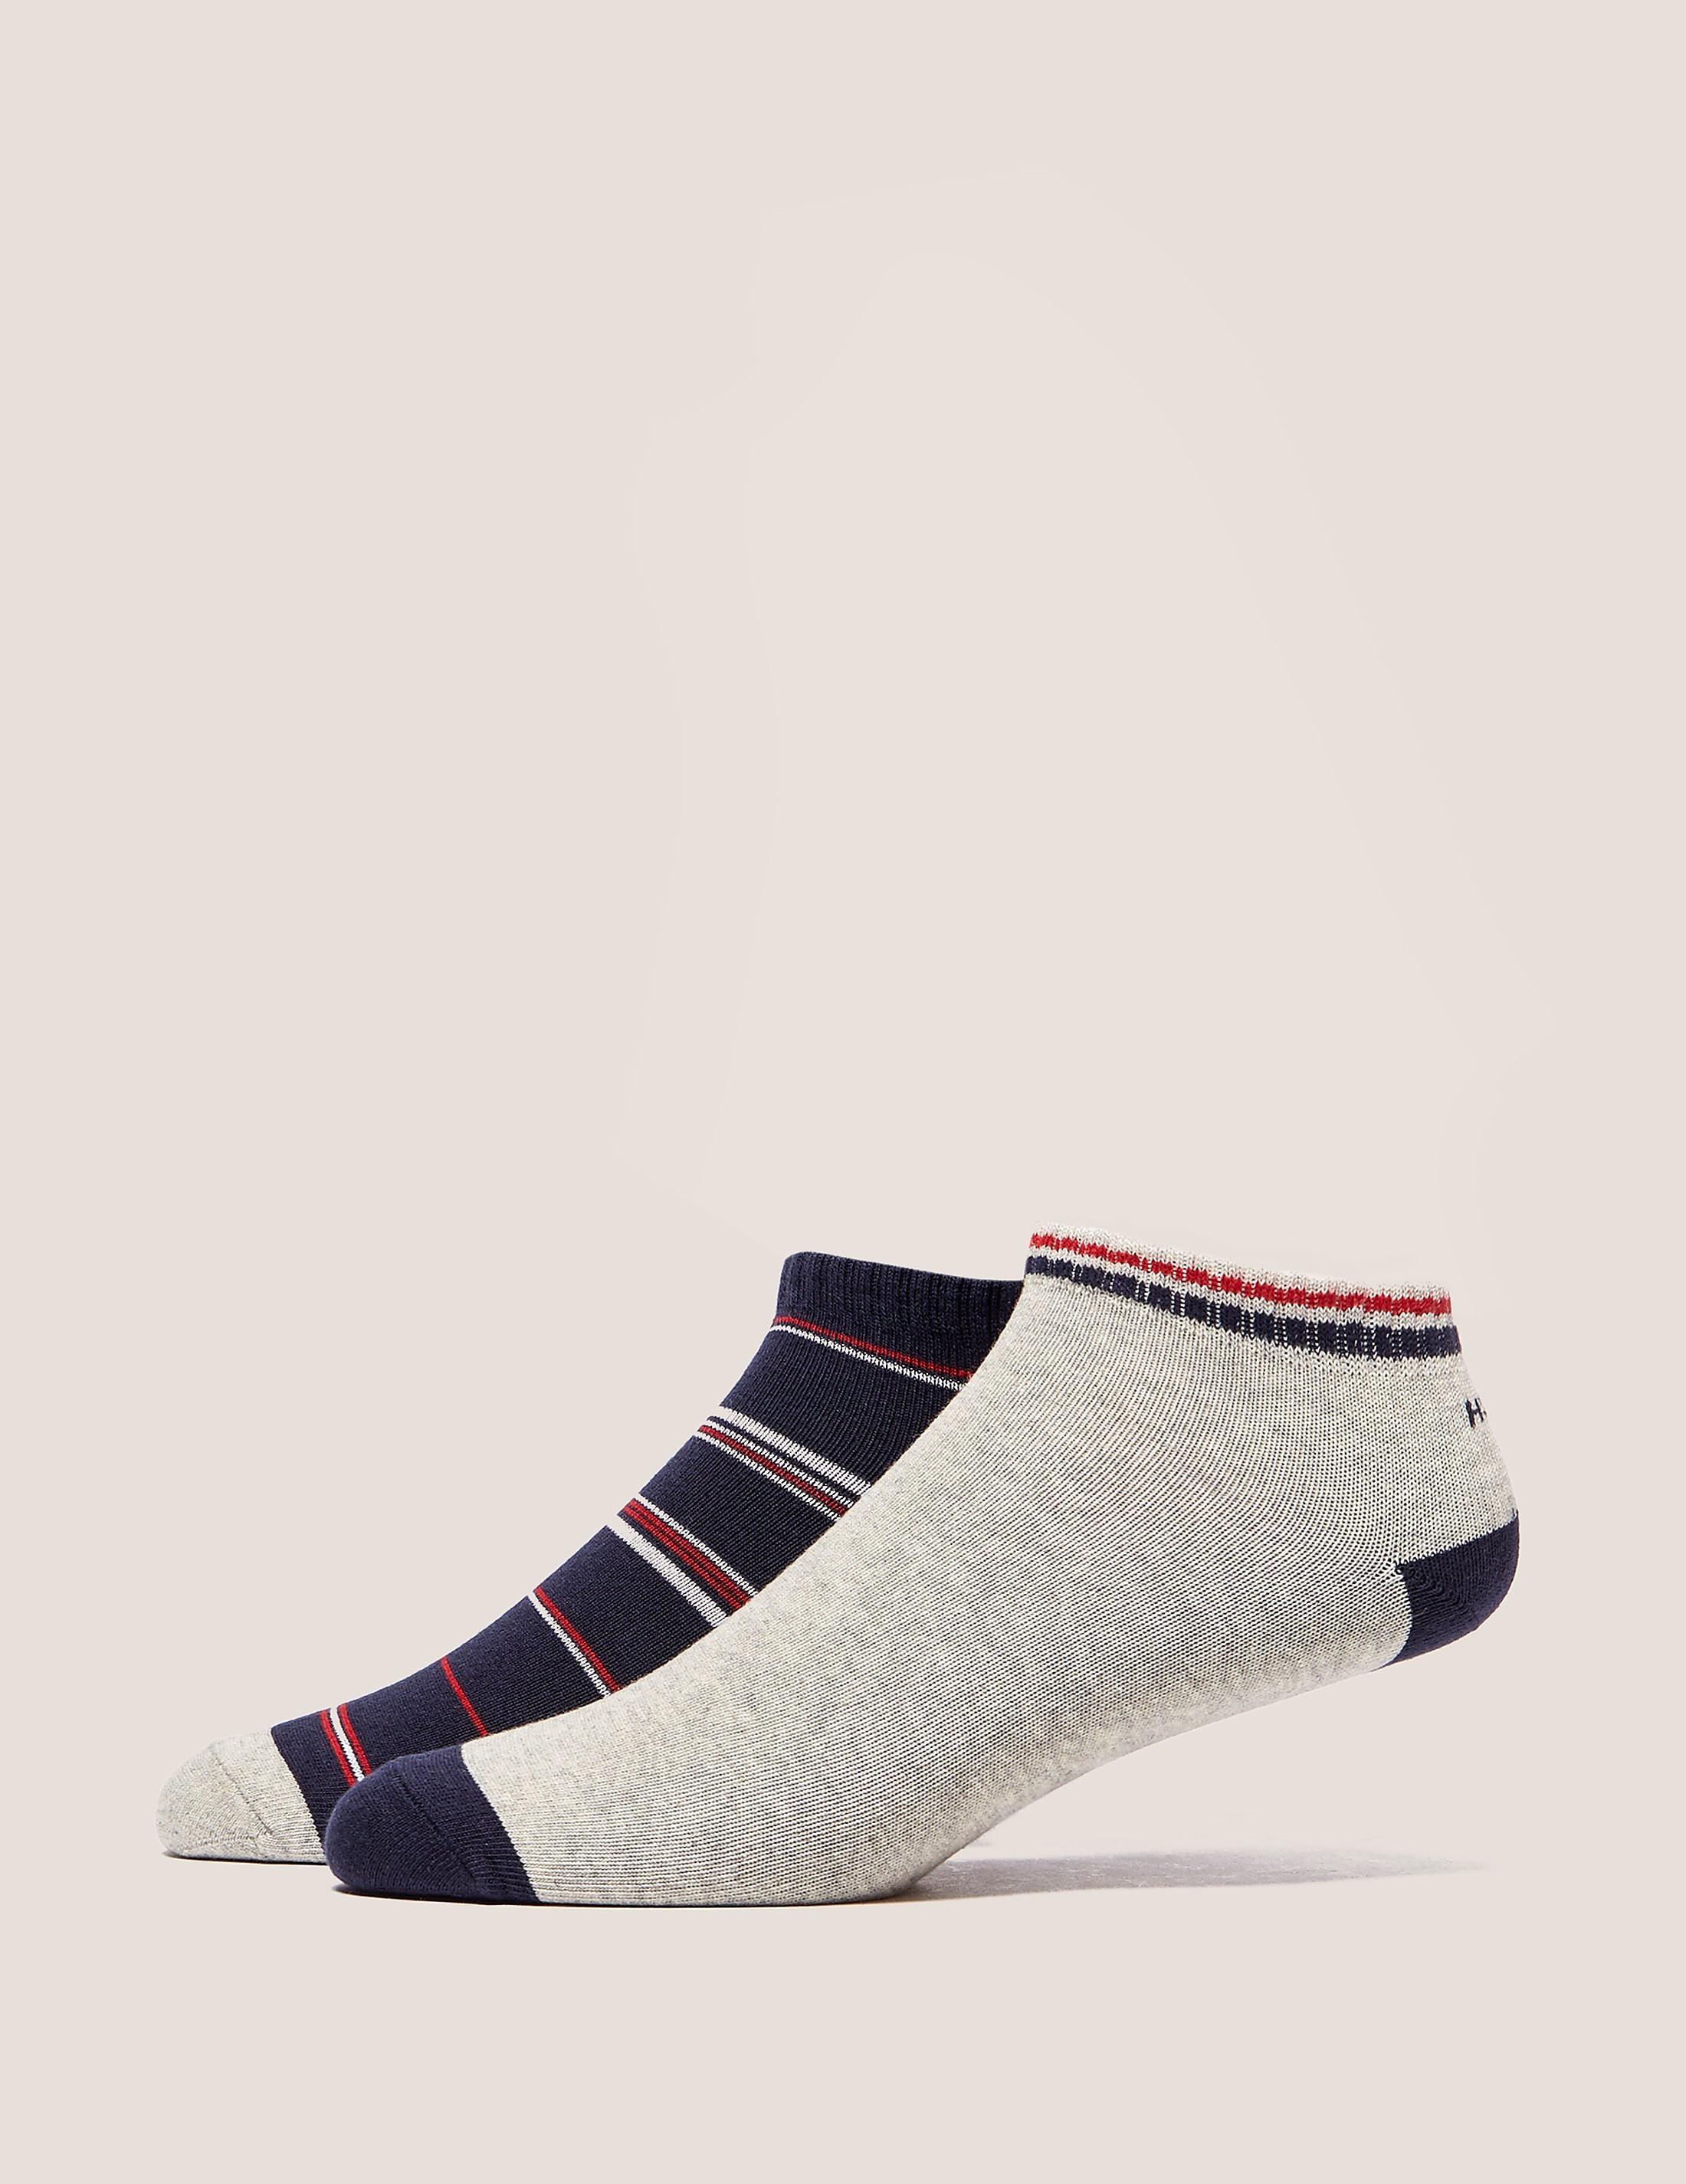 BOSS Kids' 2 Pack Socks